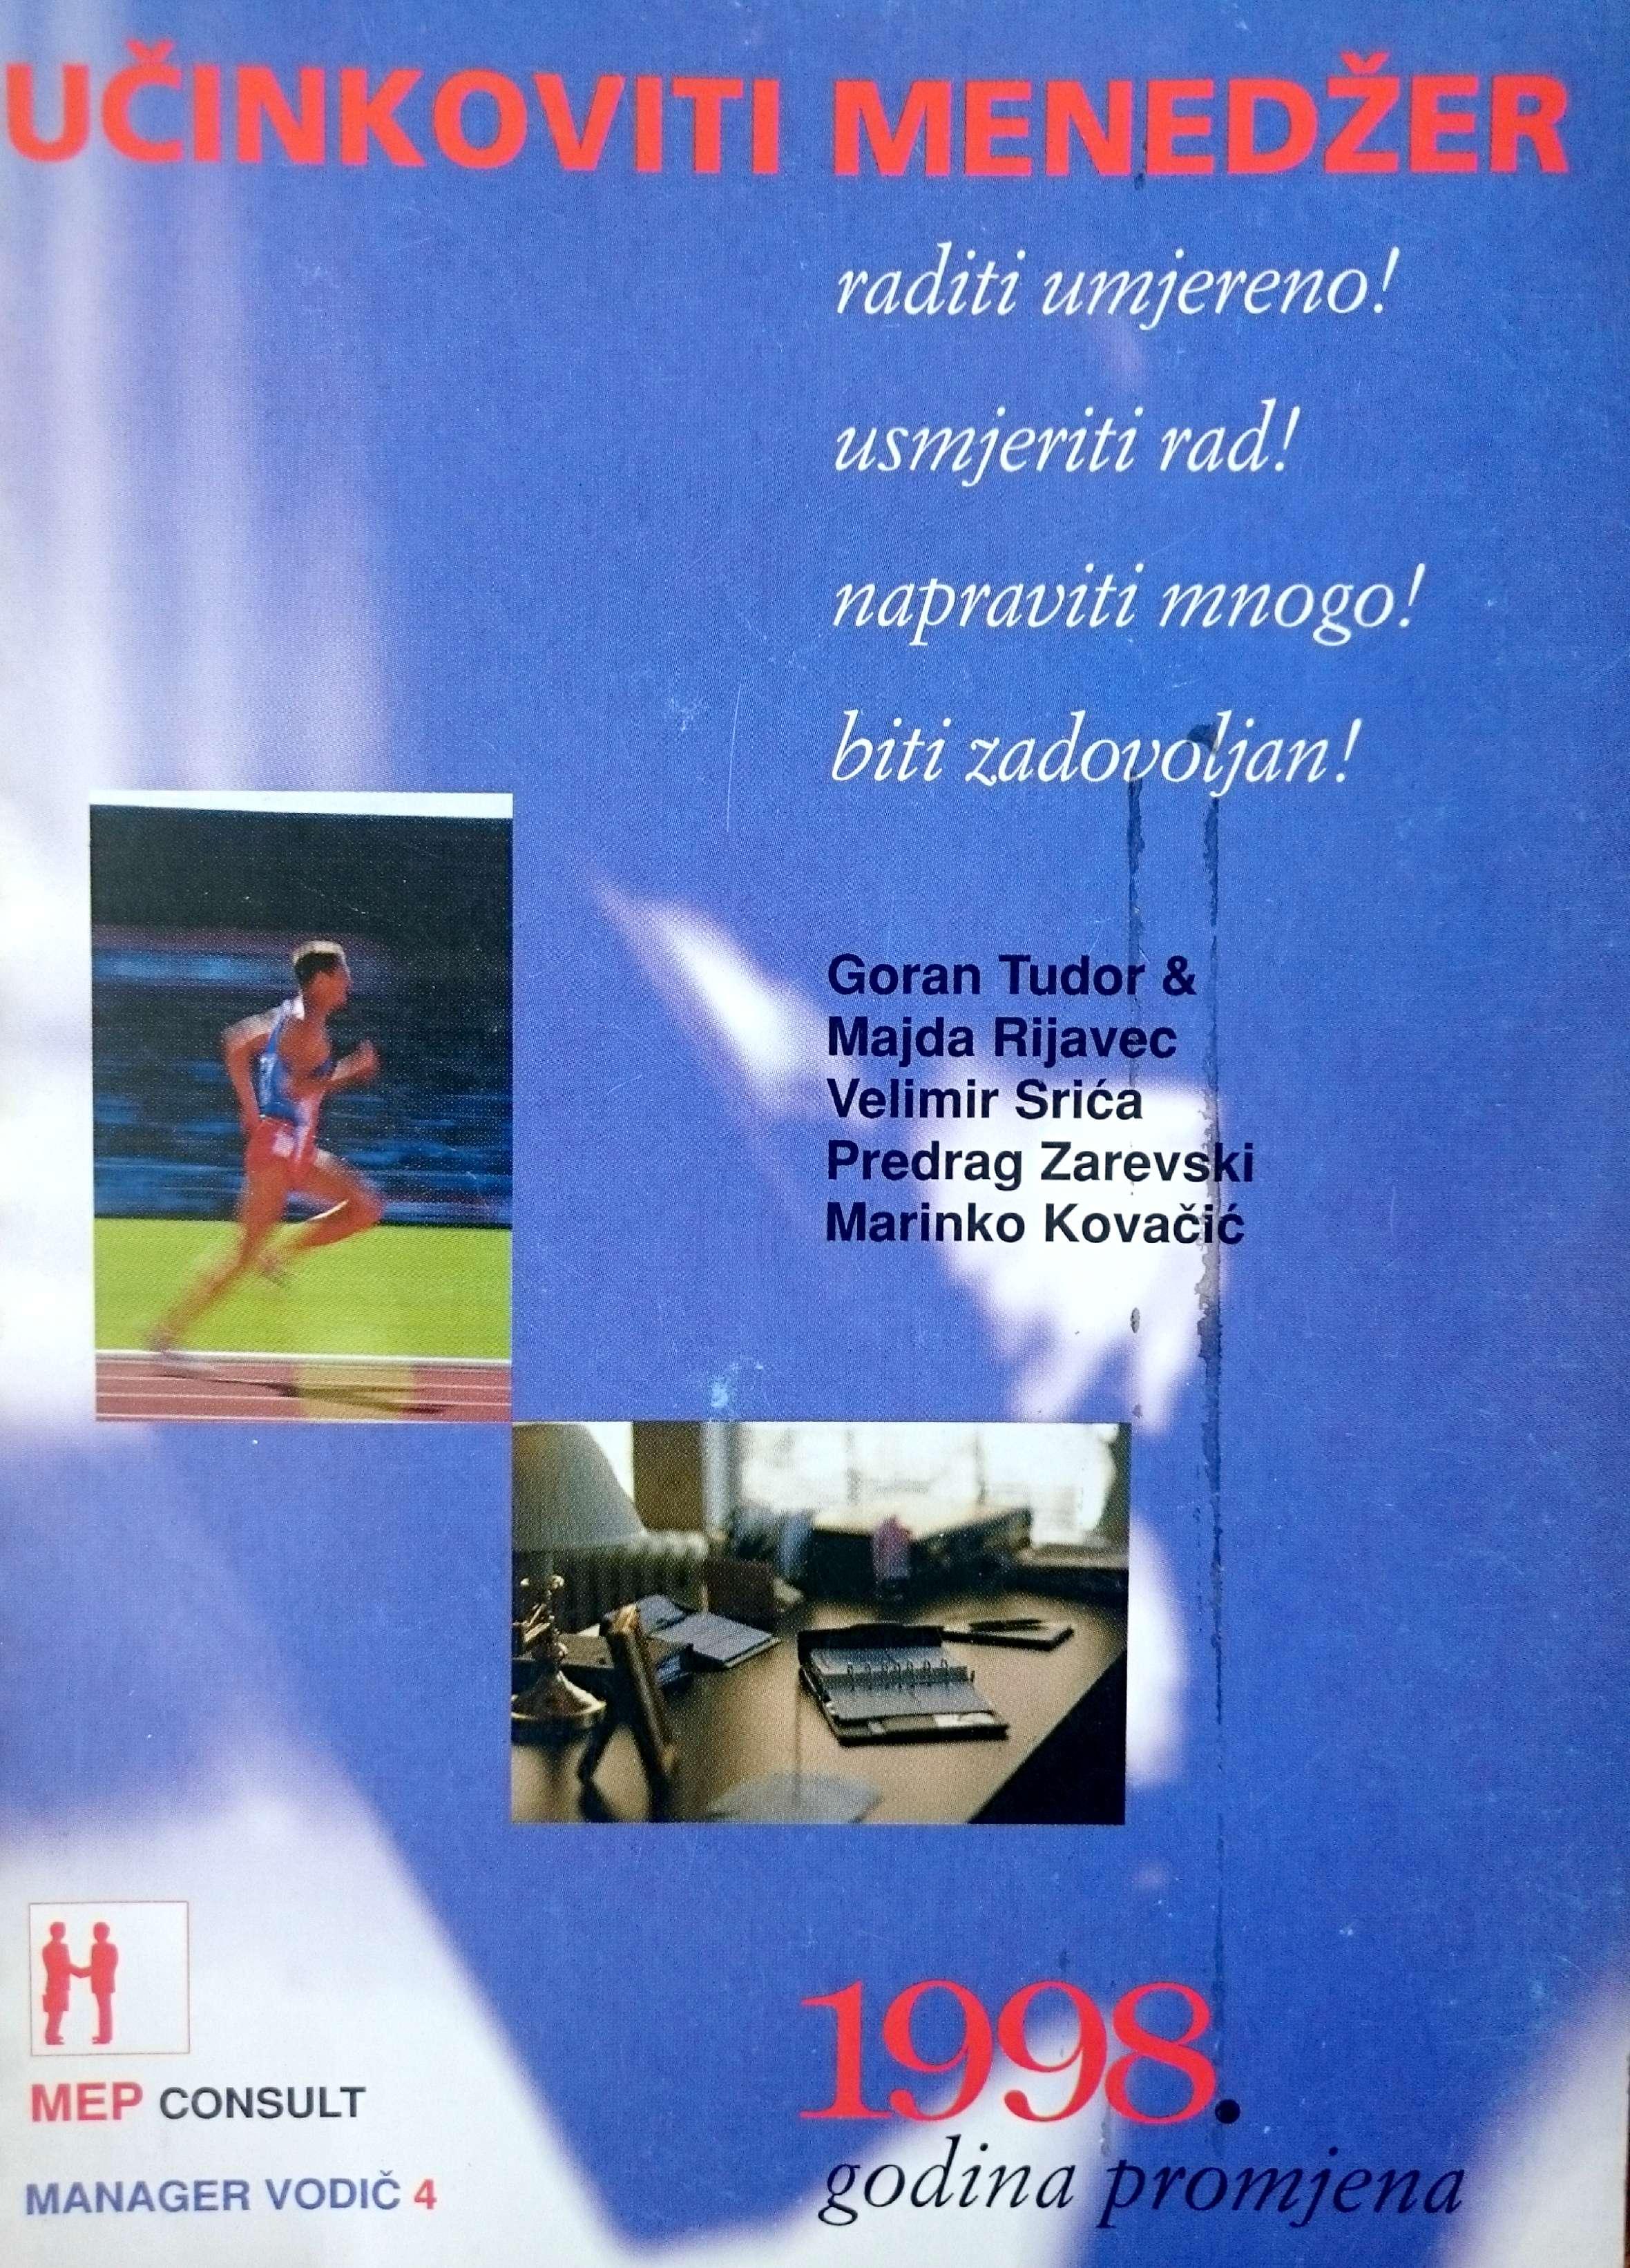 UČINKOVITI MENADŽER 1998 - Naruči svoju knjigu